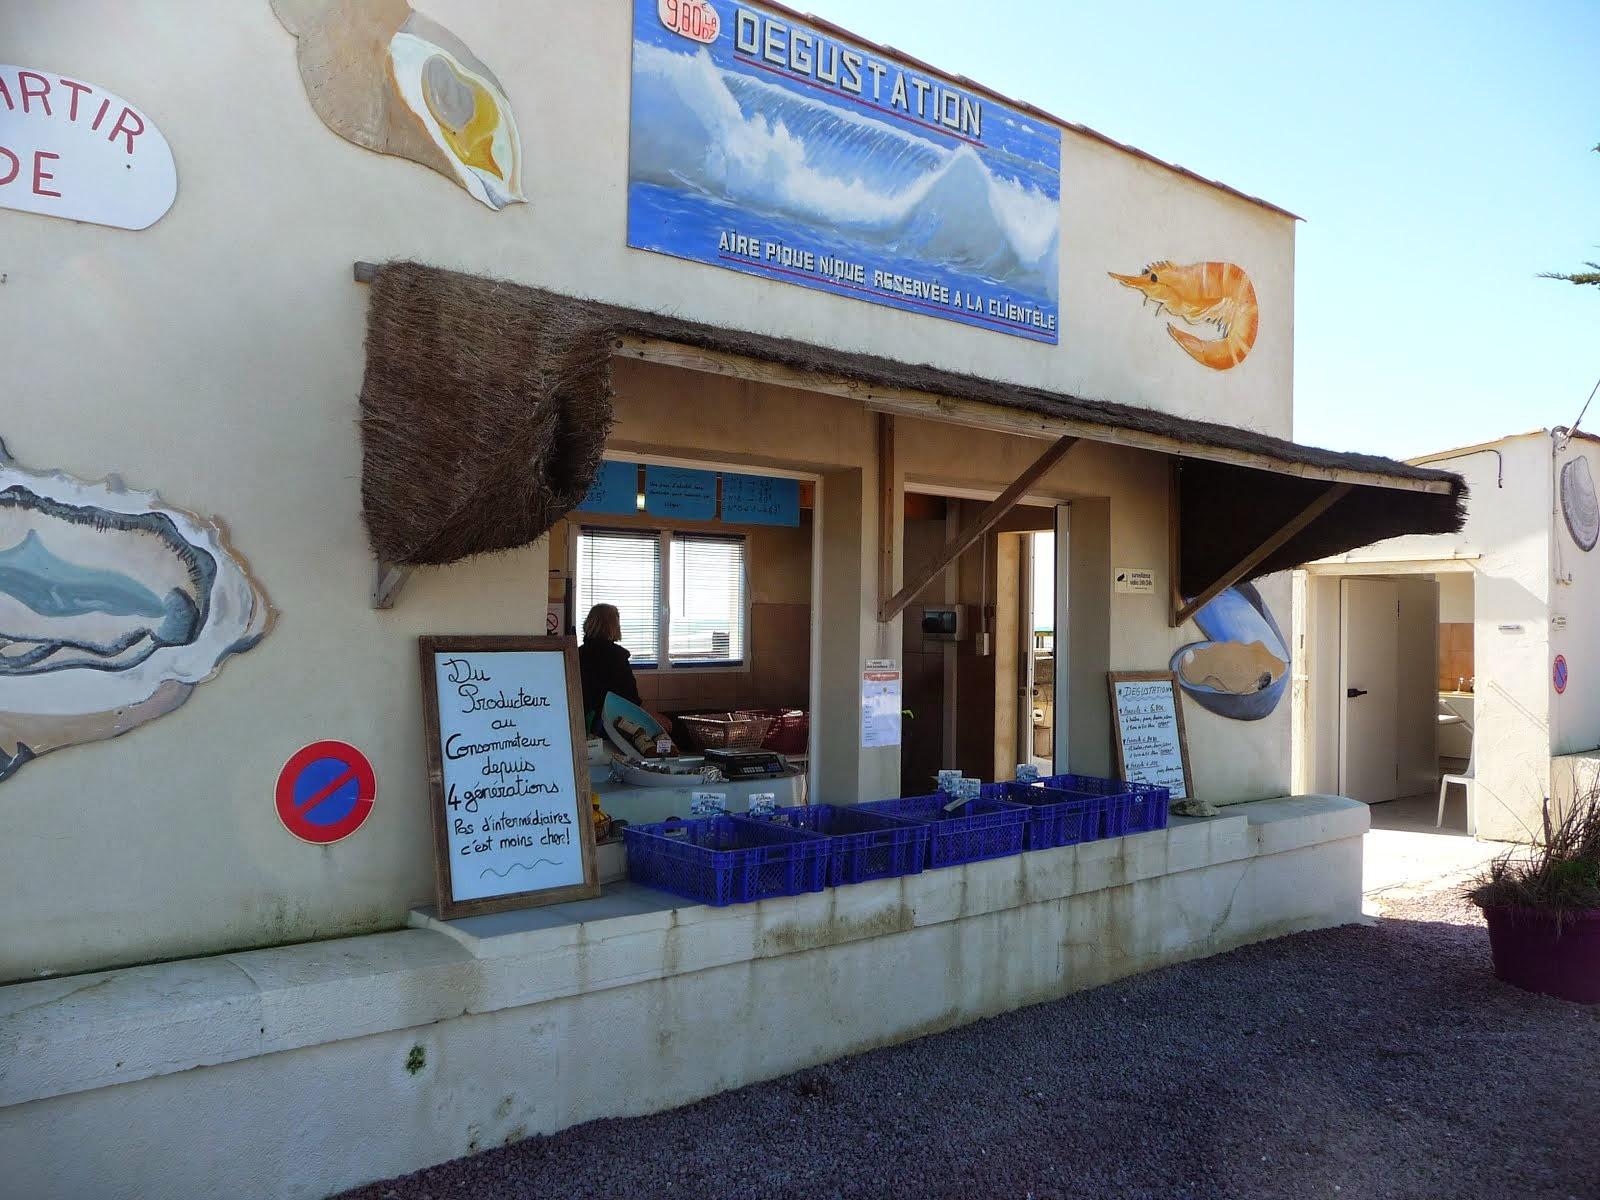 The Degustation restaurant